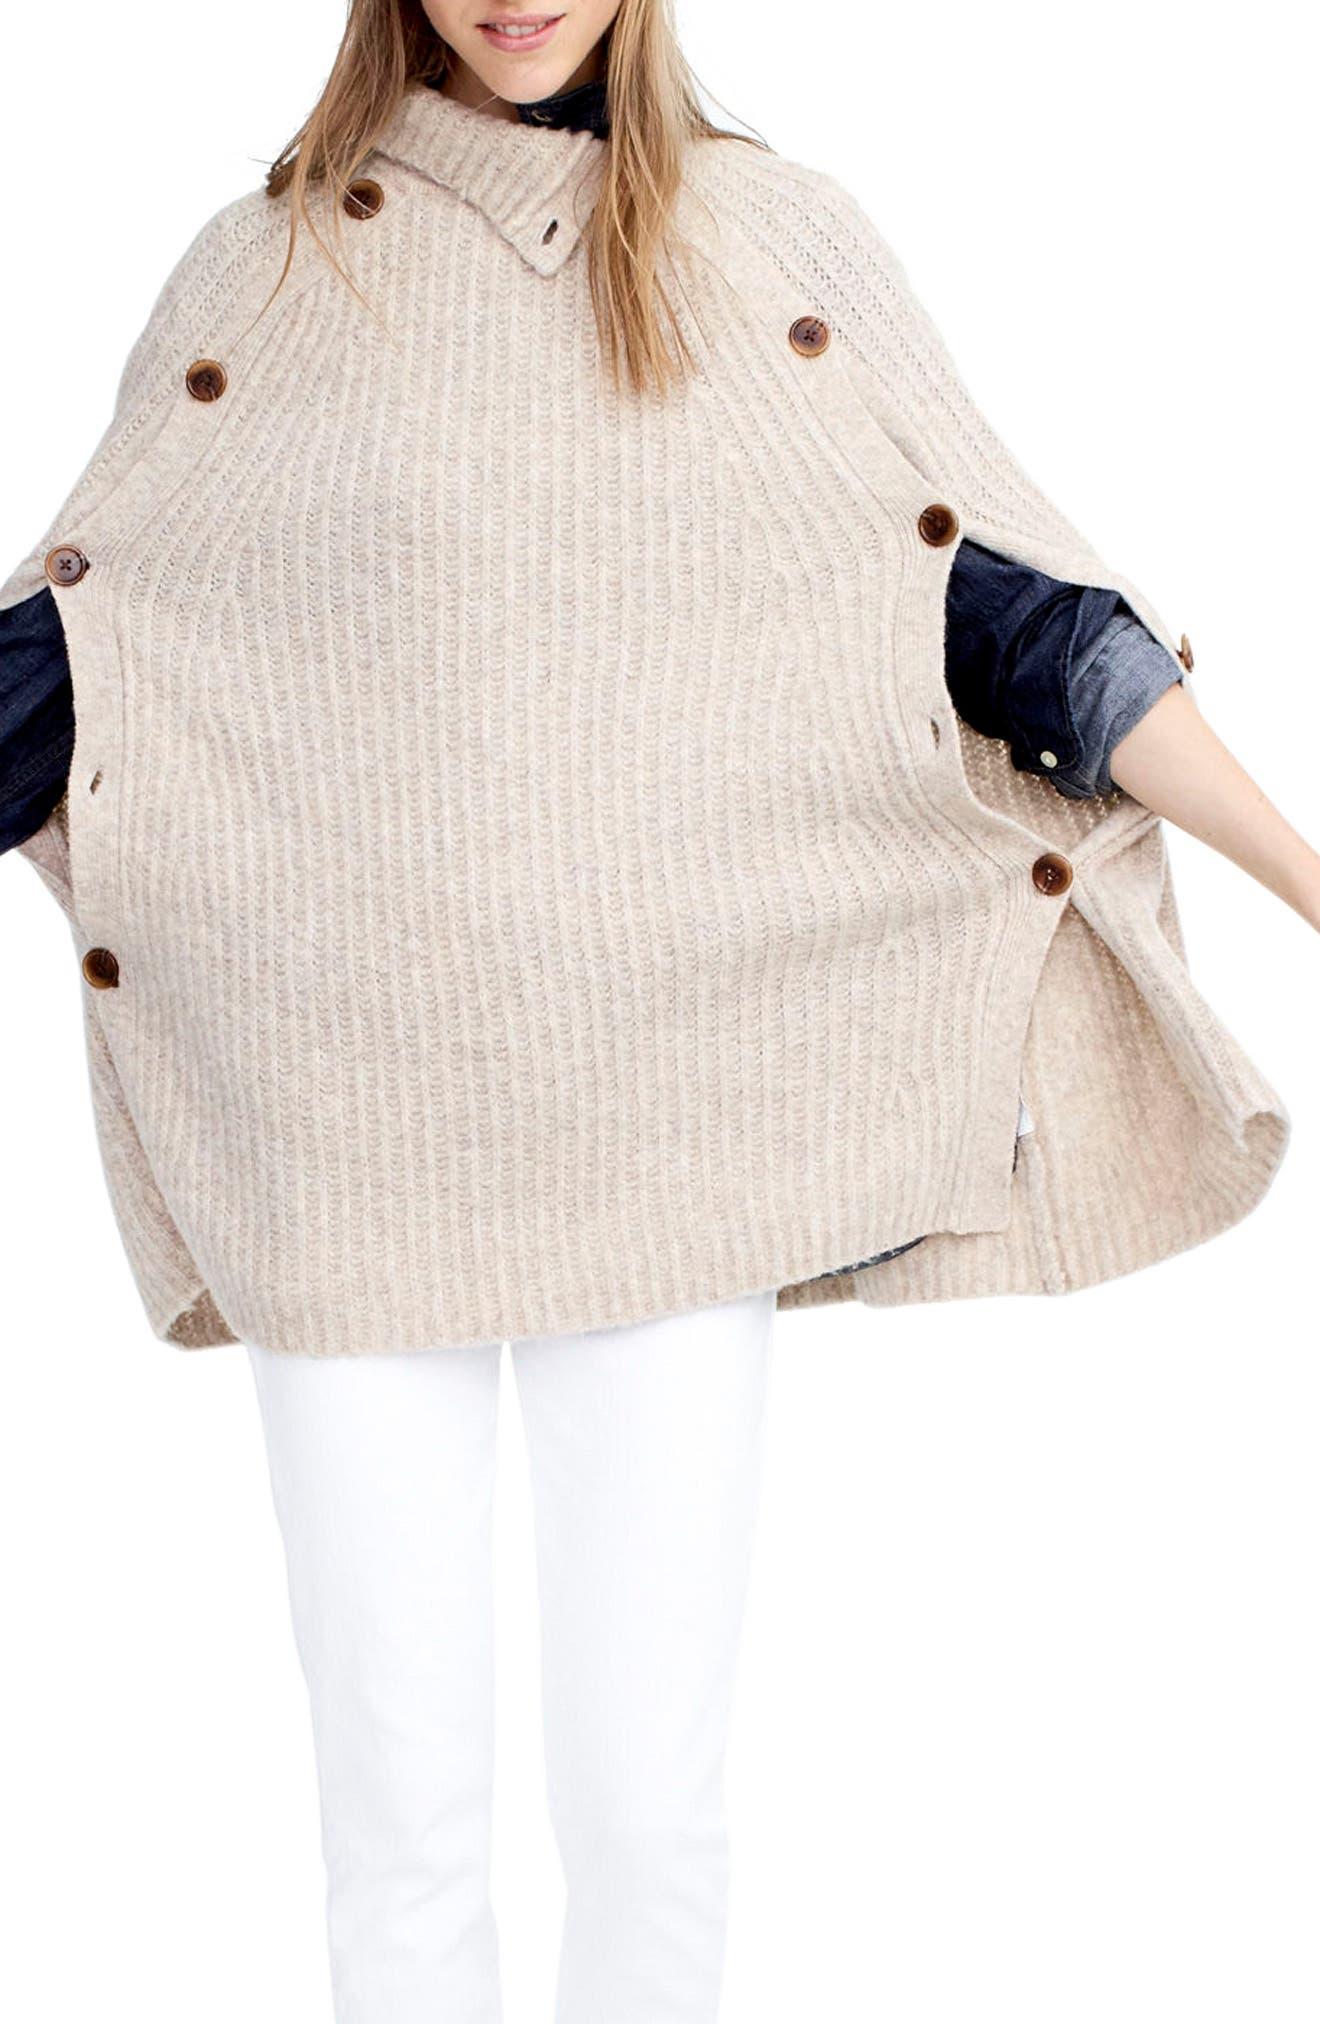 J.Crew Mason Convertible Sweater Cape